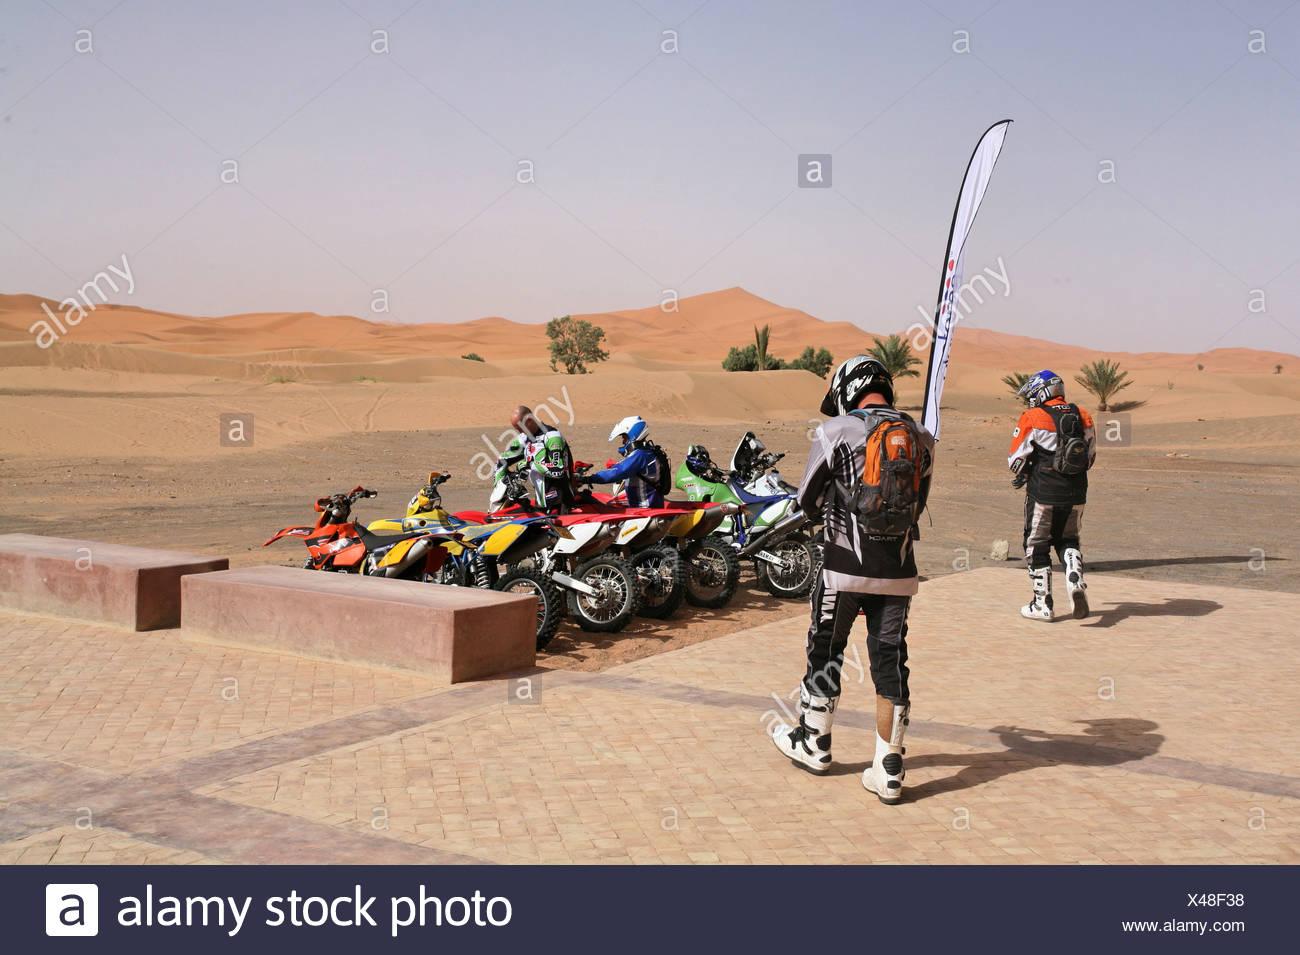 Motorsport-Moto cross Enduro Abenteuer Motrrad Motorräder Motorräder Wüste Sahara Merzouga Marokko Afrika Stockbild